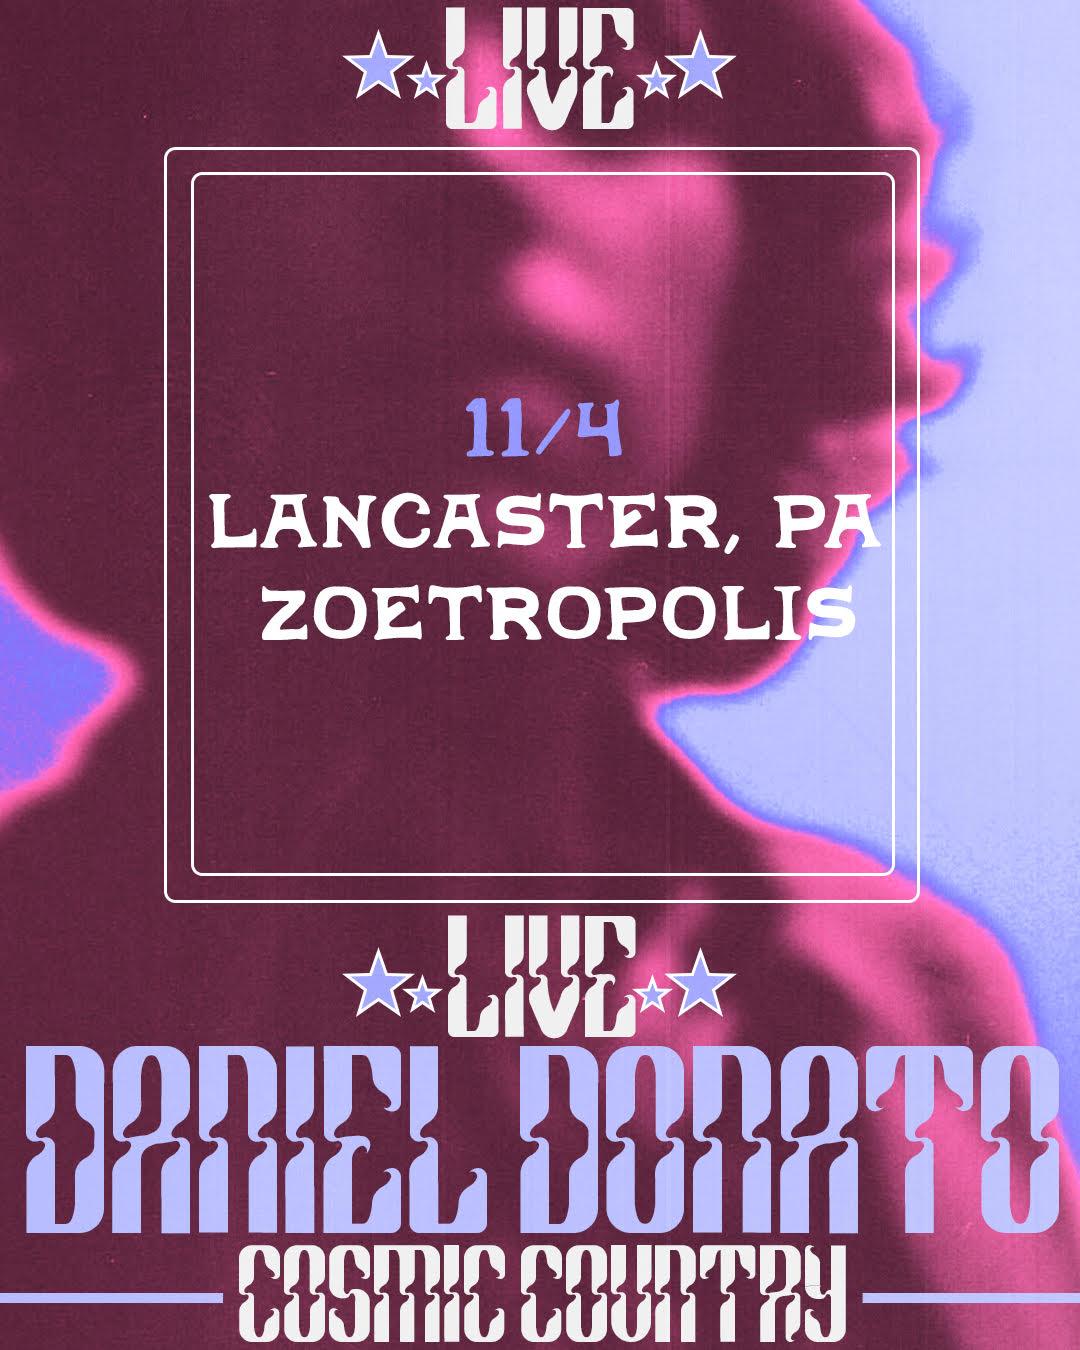 Poster for Daniel Donato LIVE at Zoetropolis!